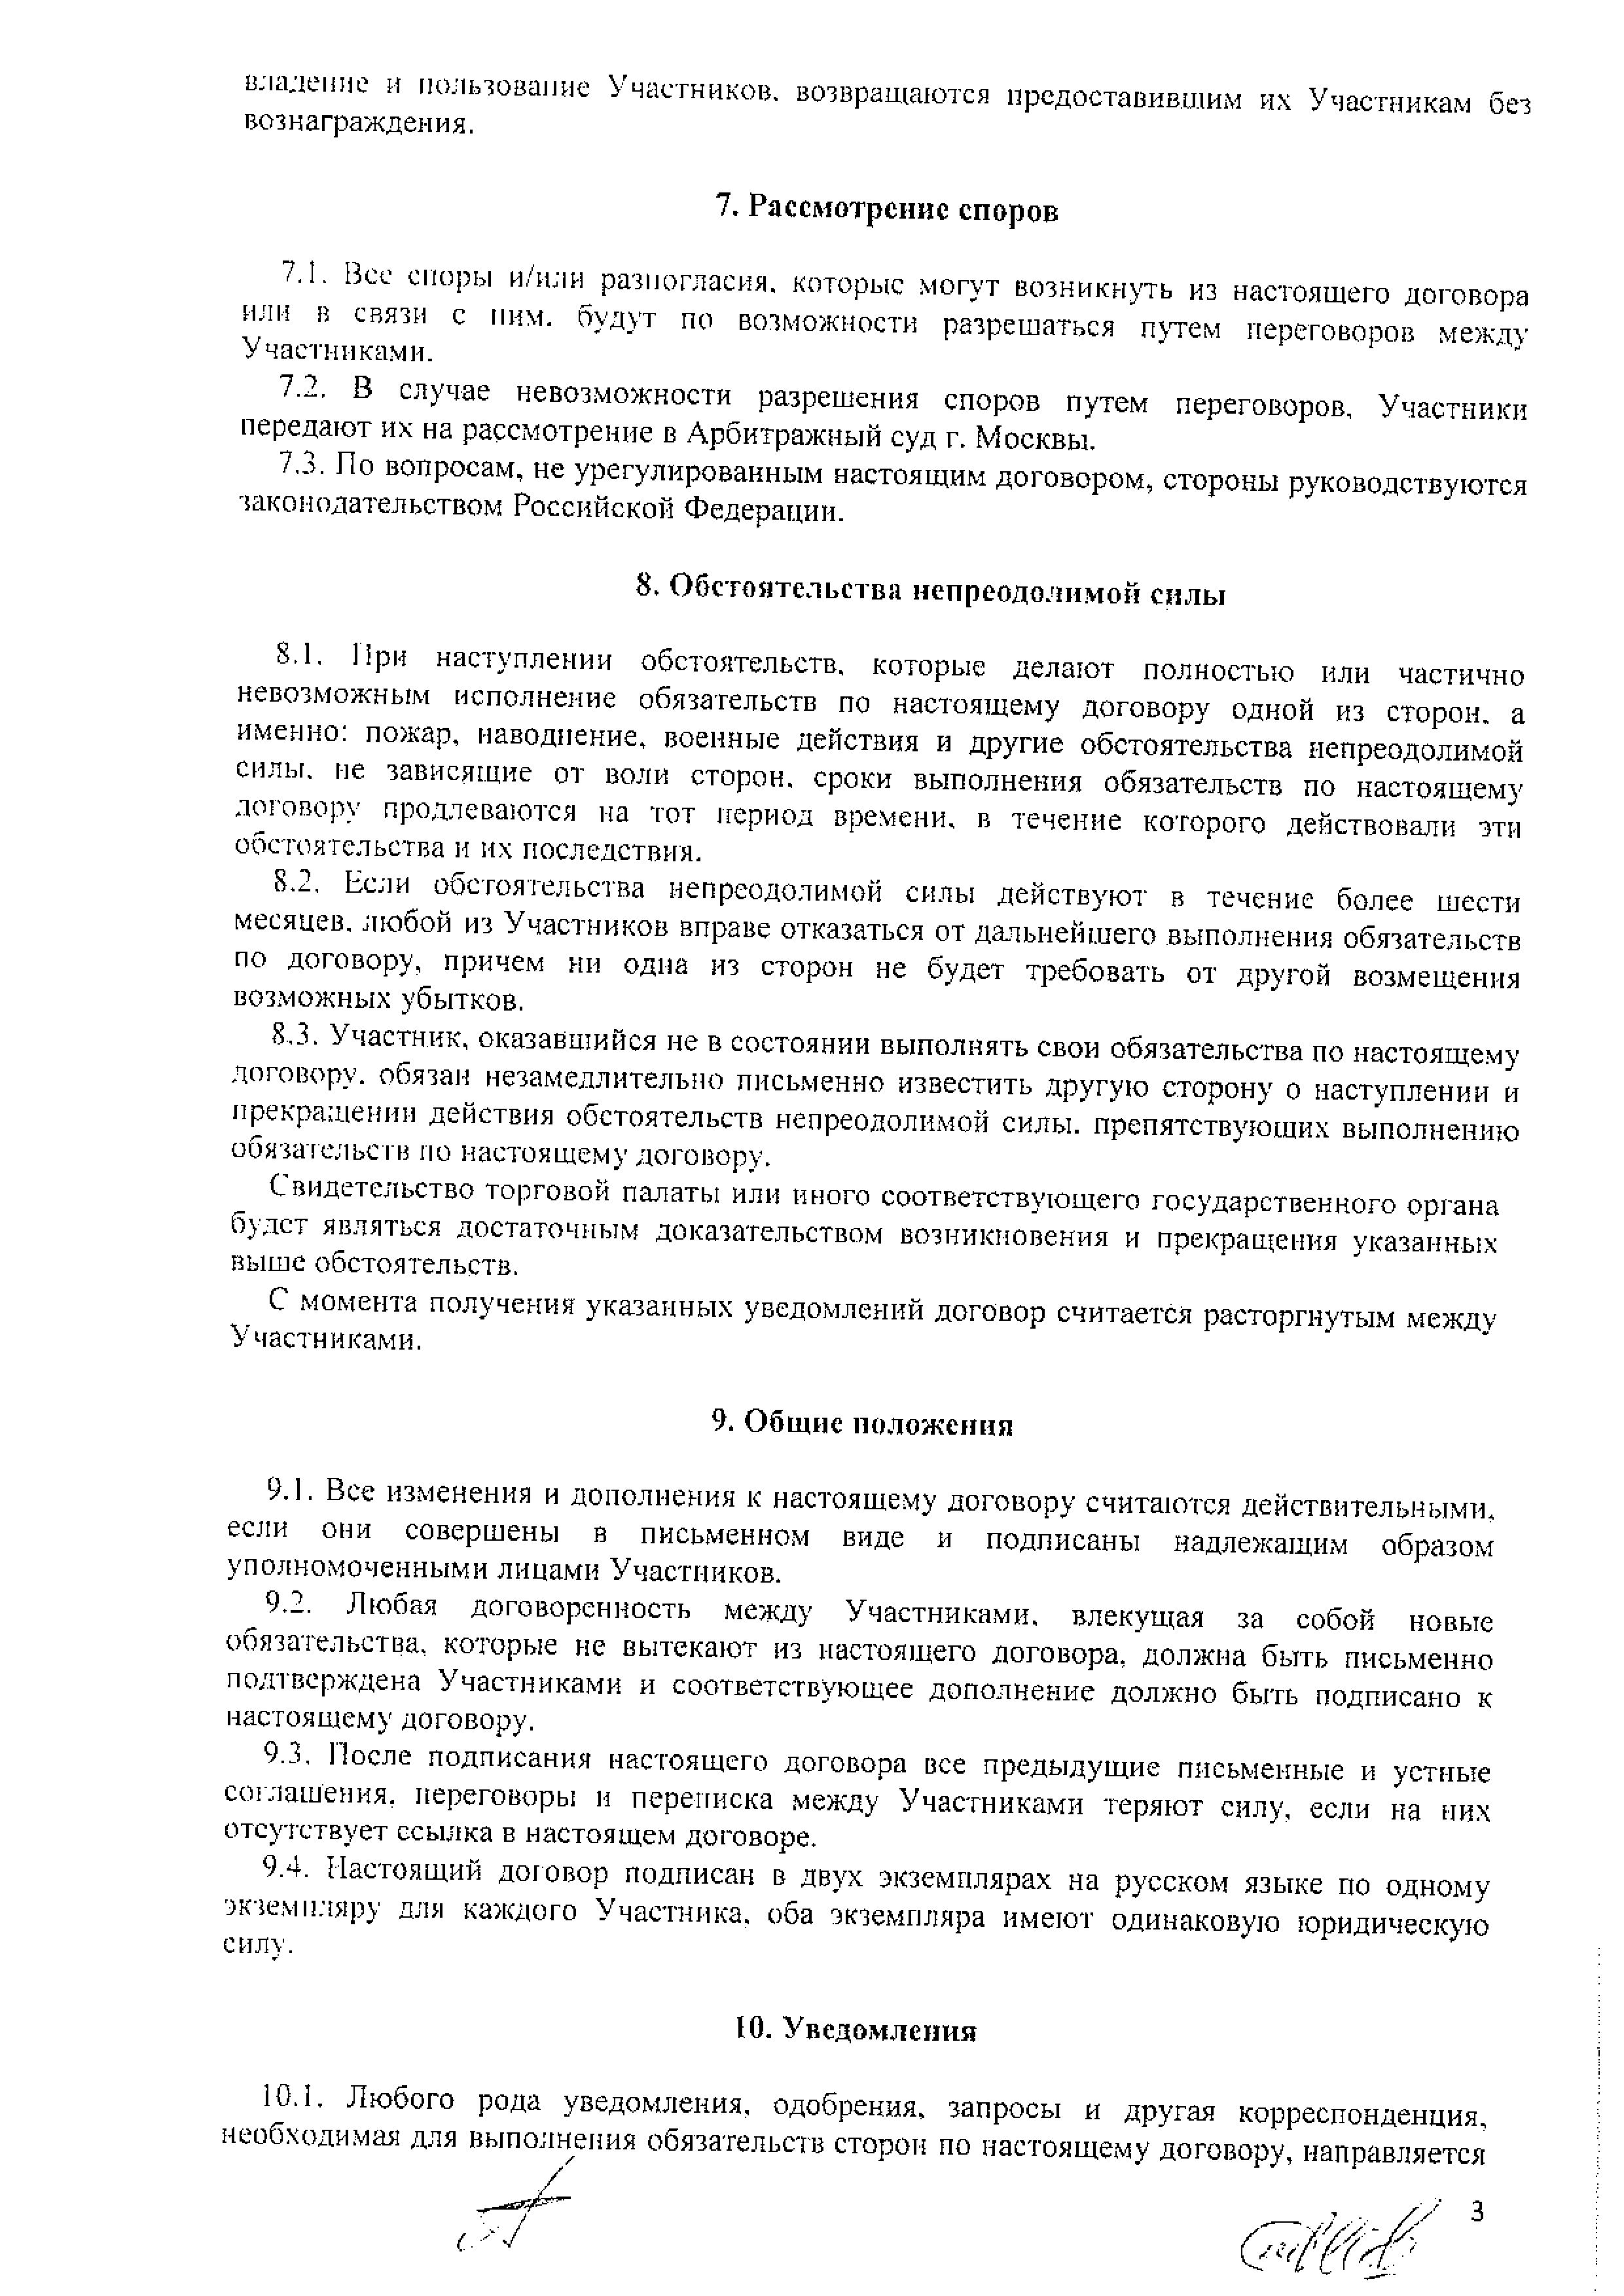 договор о совместной деятельности-2.png